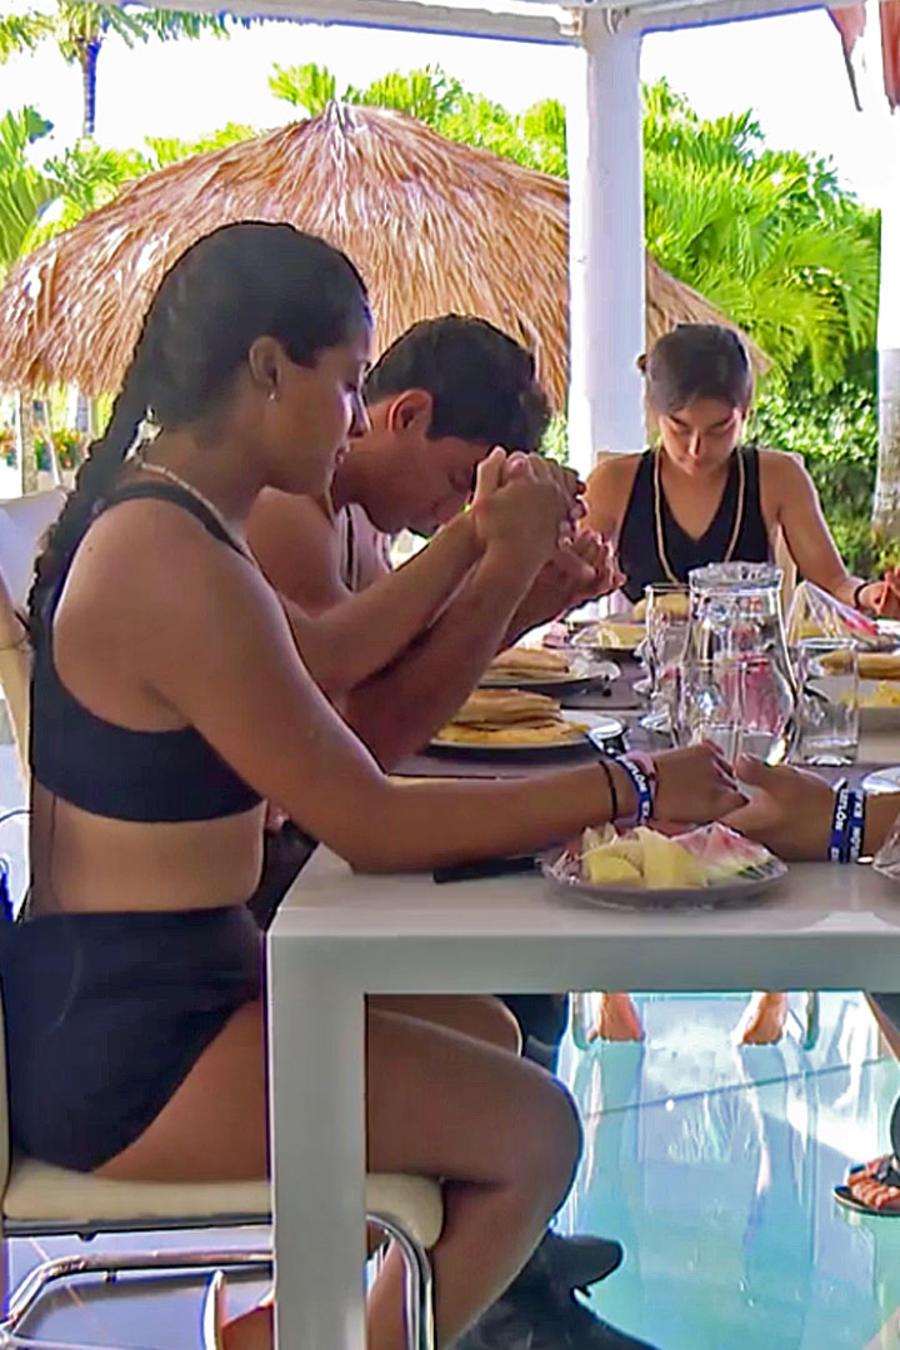 Contendientes oran antes de comer